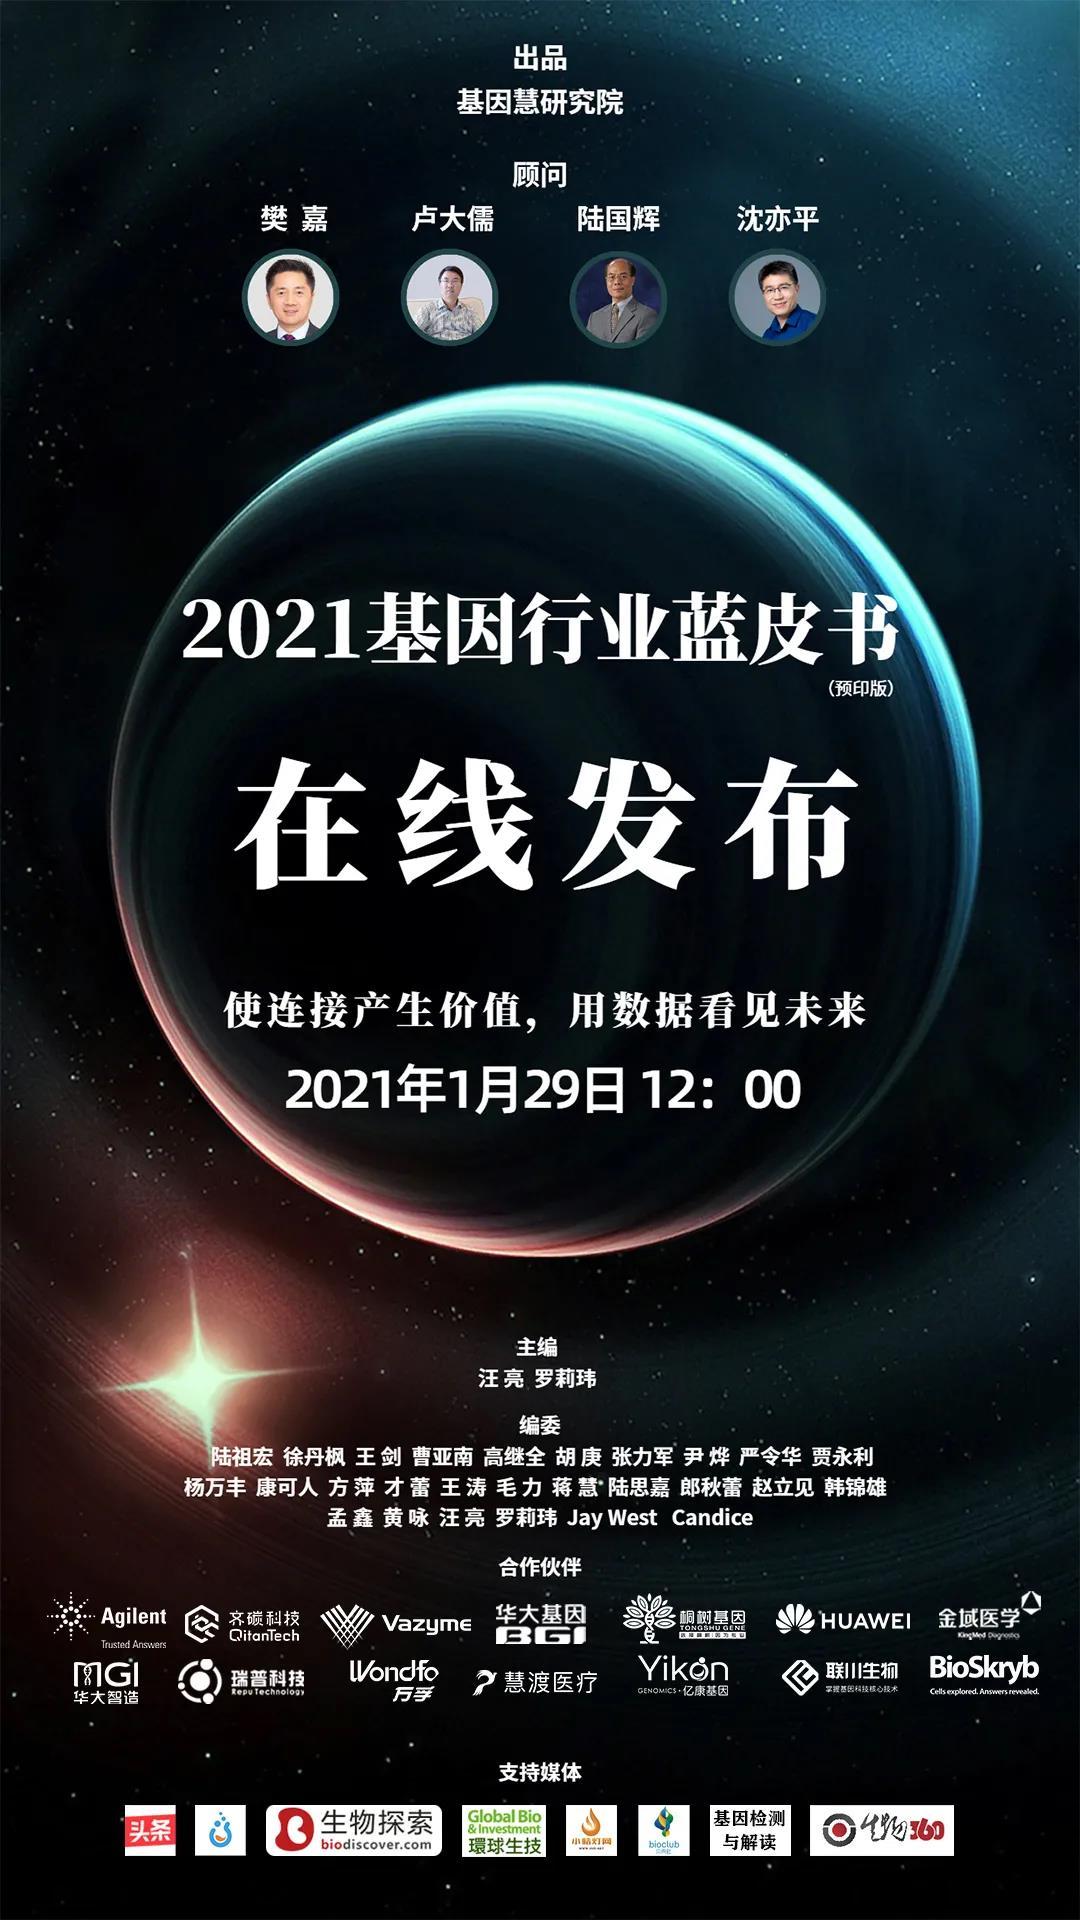 《2021基因行业蓝皮书》(预印版)正式公开发布,樊嘉院士/沈亦平/卢大儒/陆国辉等作序推荐